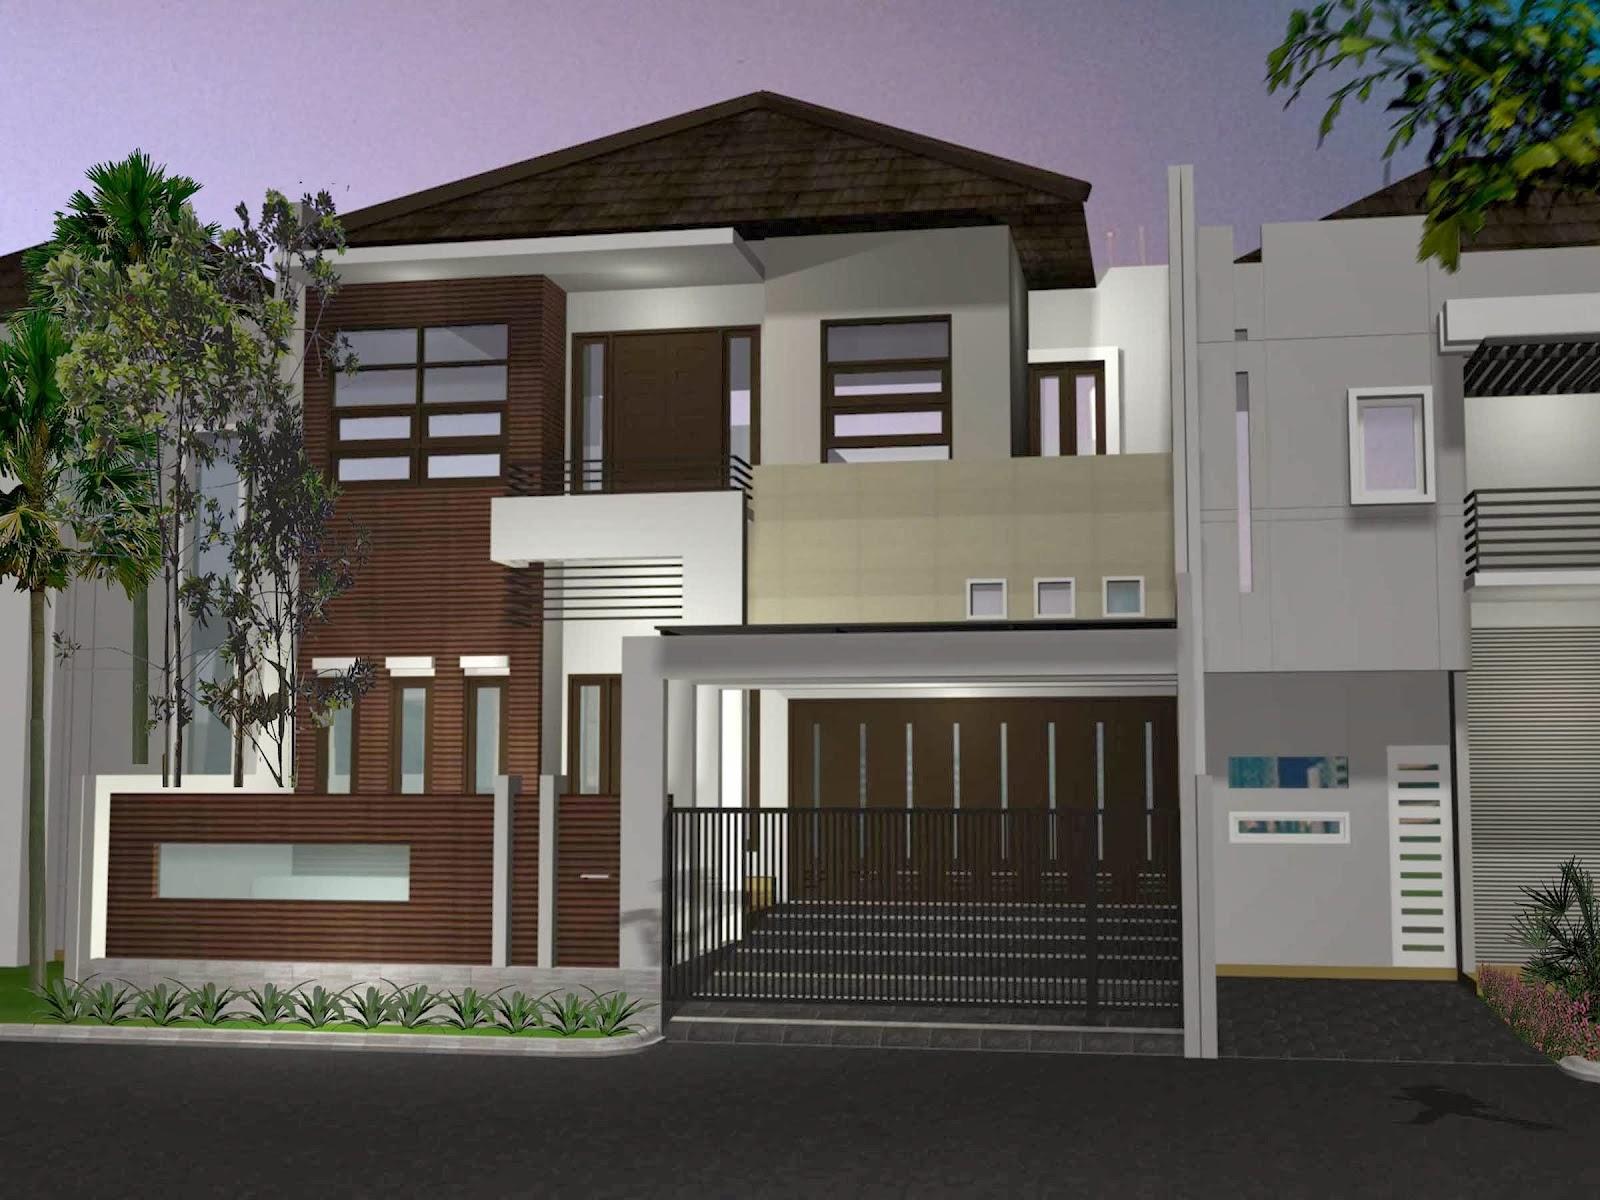 55 Desain Terbaik Rumah Minimalis 2 Lantai